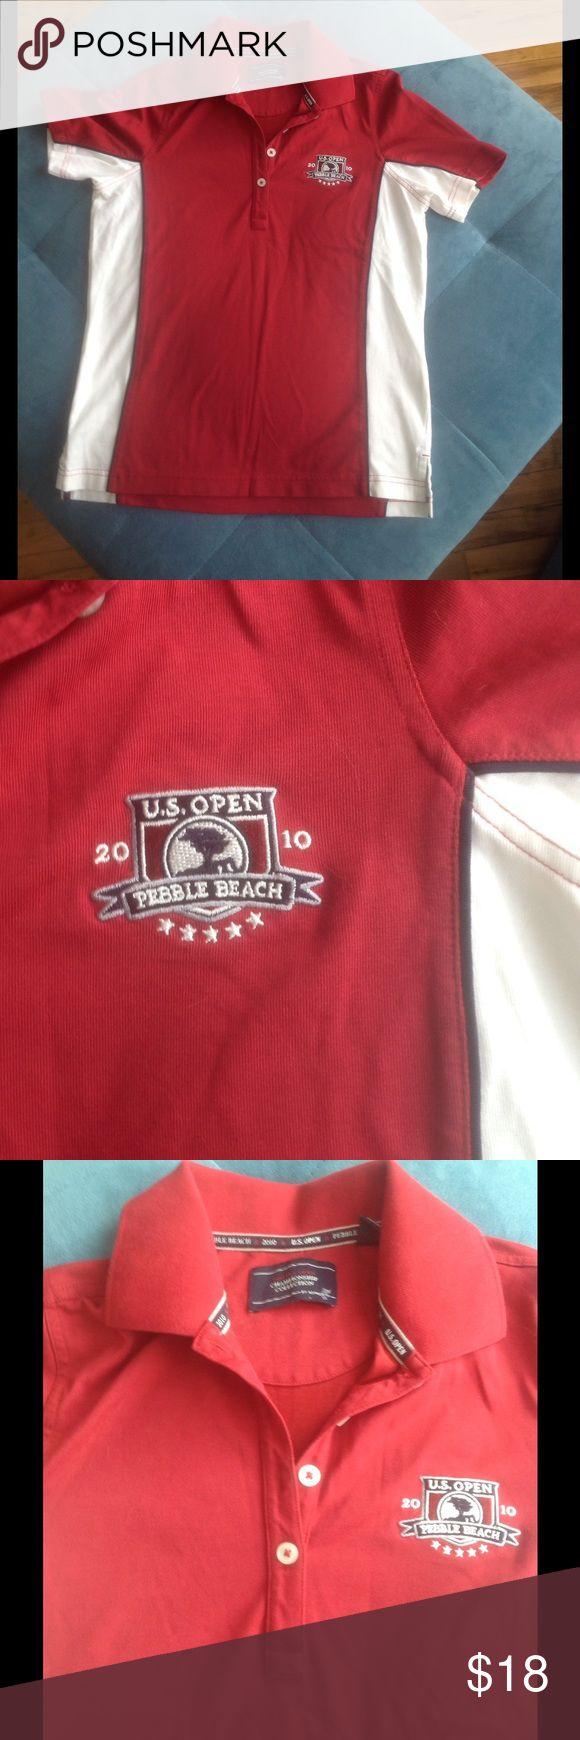 US Open Golf Shirt - 2010 Pebble Beach US Open Golf Shirt - 2010 Pebble Beach Tops